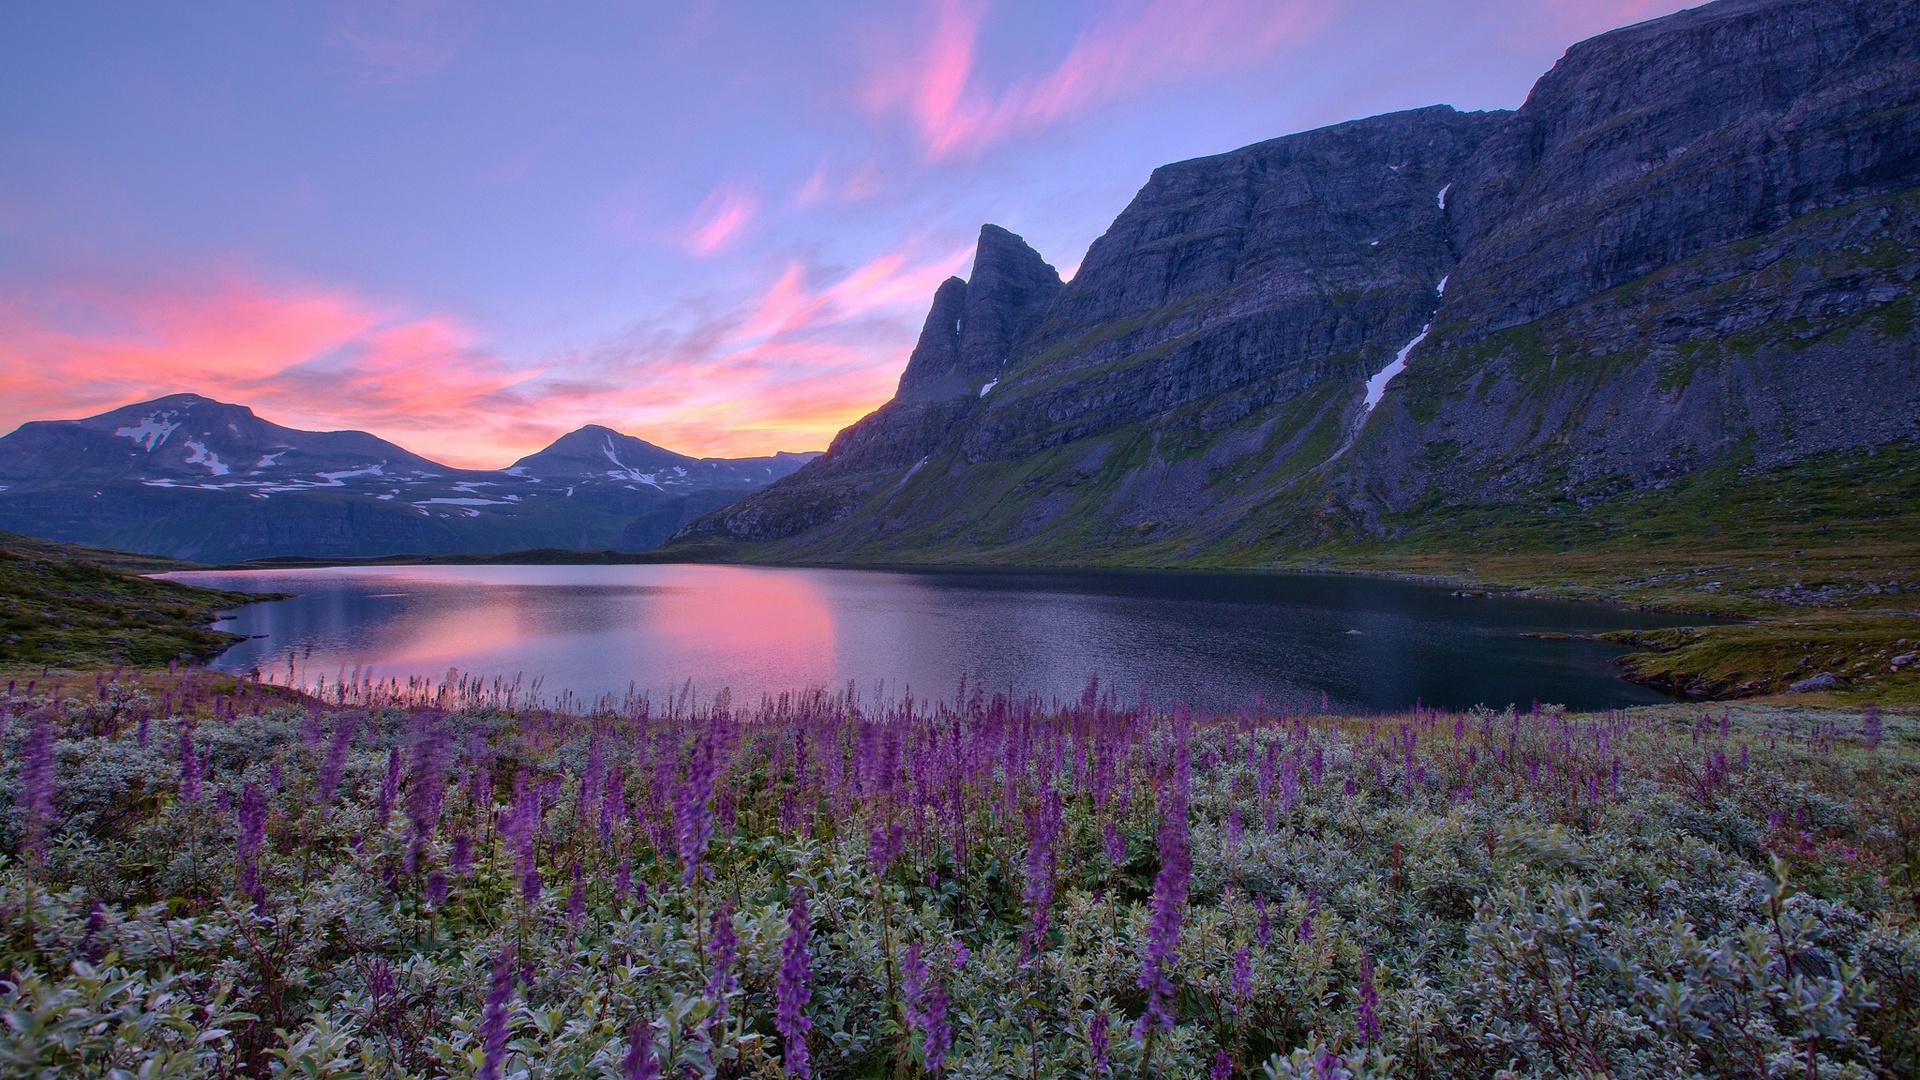 Роскошные пейзажи Норвегии - Страница 15 Norway-nature-scenery-lake-mountains-flowers-sunrise_1920x1080